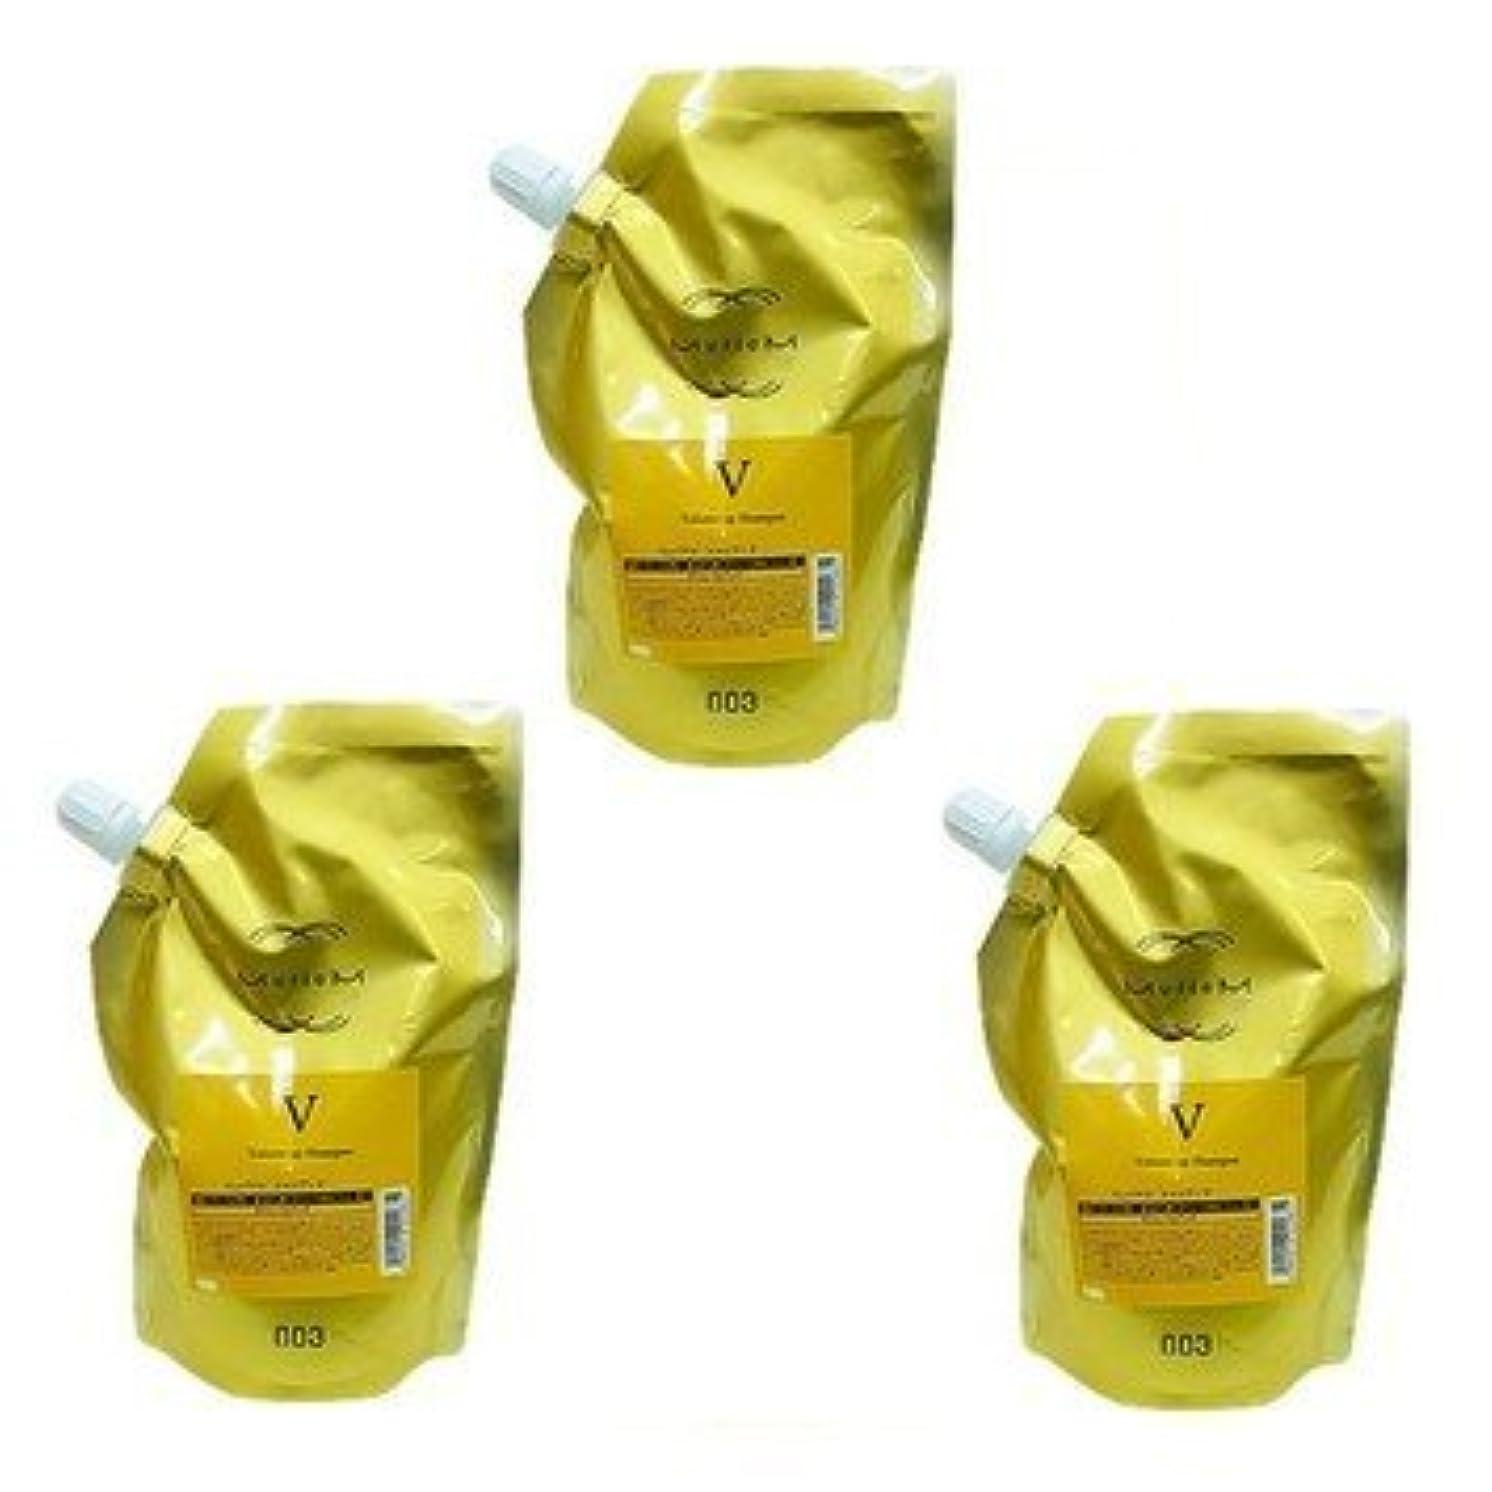 センブランスプラスチックドライブ【X3個セット】 ナンバースリー ミュリアム ゴールド シャンプー V 500ml 詰替え用